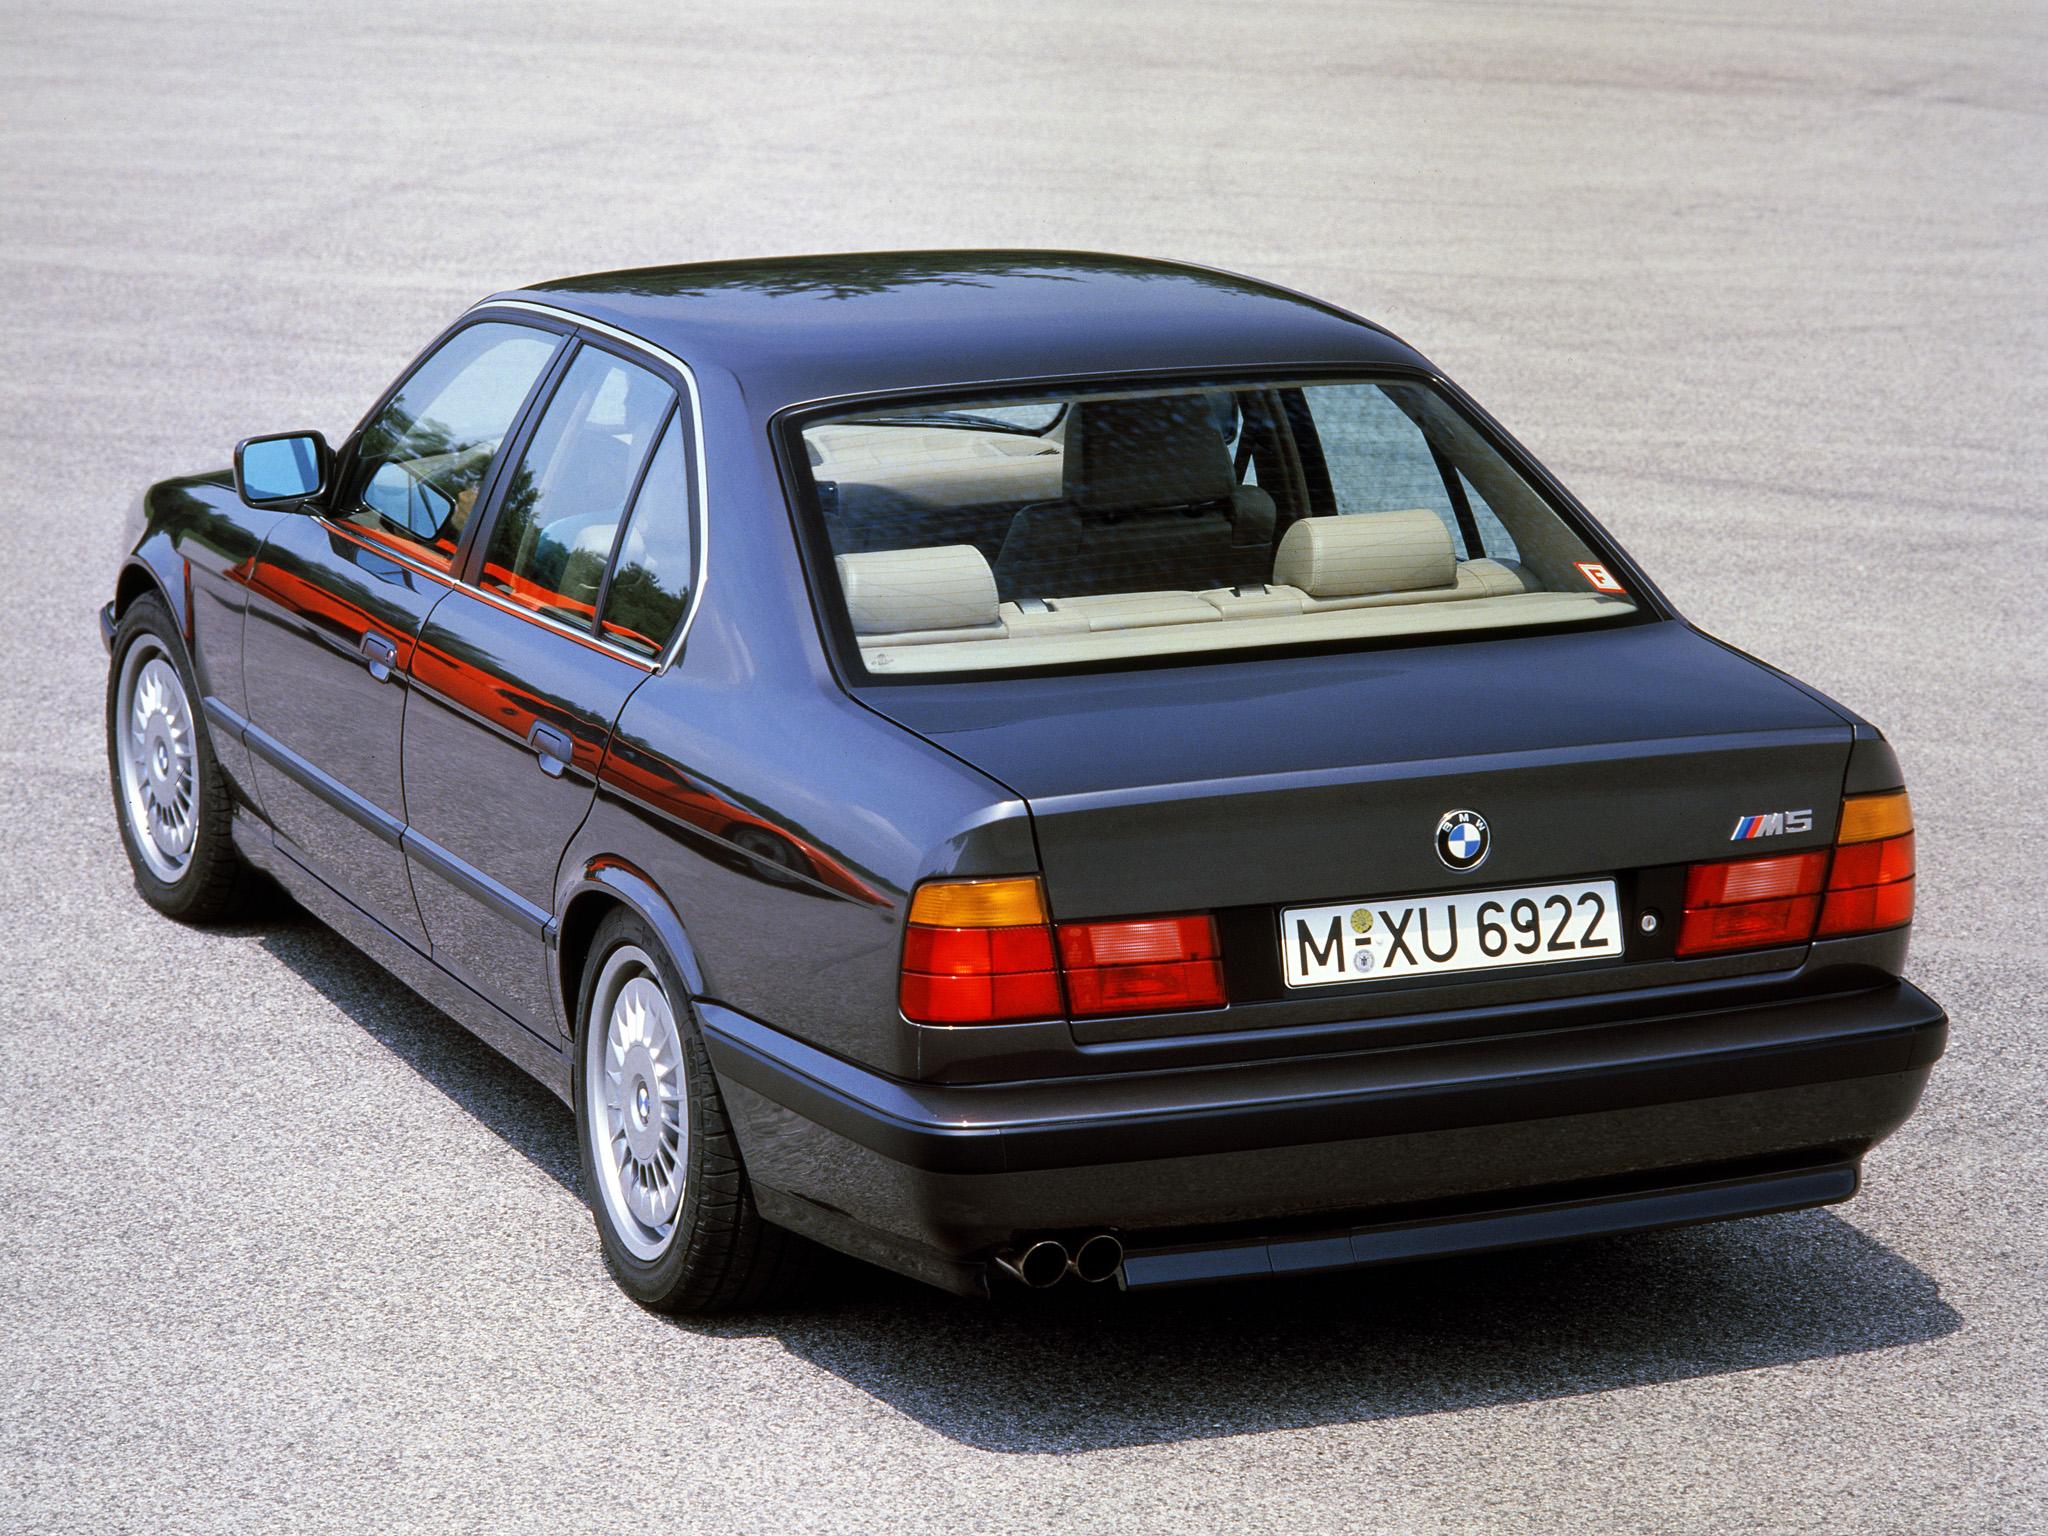 Supersedanen BMW M5 som saknade konkurrenter vid slutet av 80-talet.